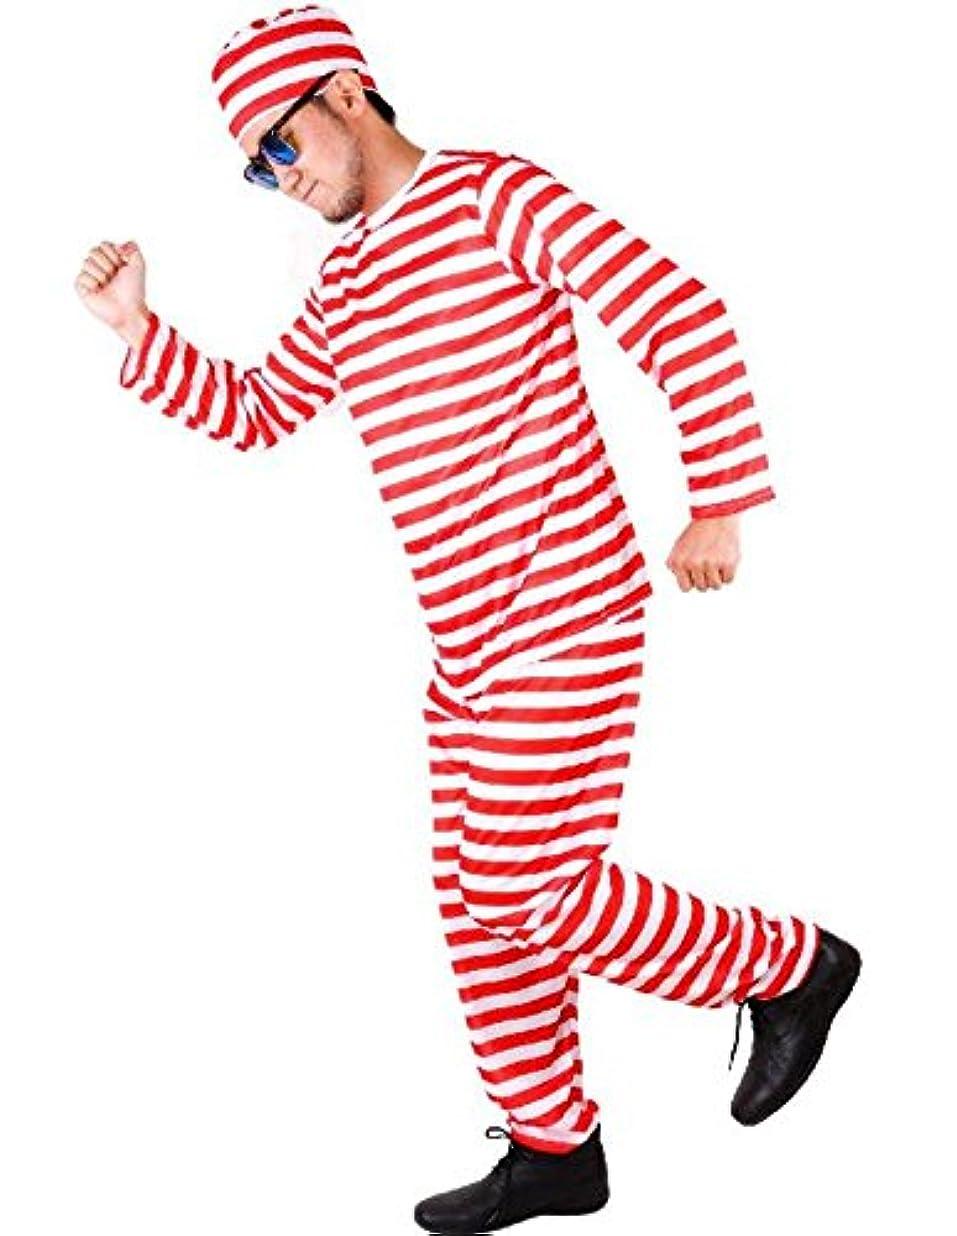 ムスタチオ瞑想するブリリアント(SCGEHA) 囚人服 赤 緑 コスプレ コスチューム 衣装 男女兼用 帽子付(レッド)